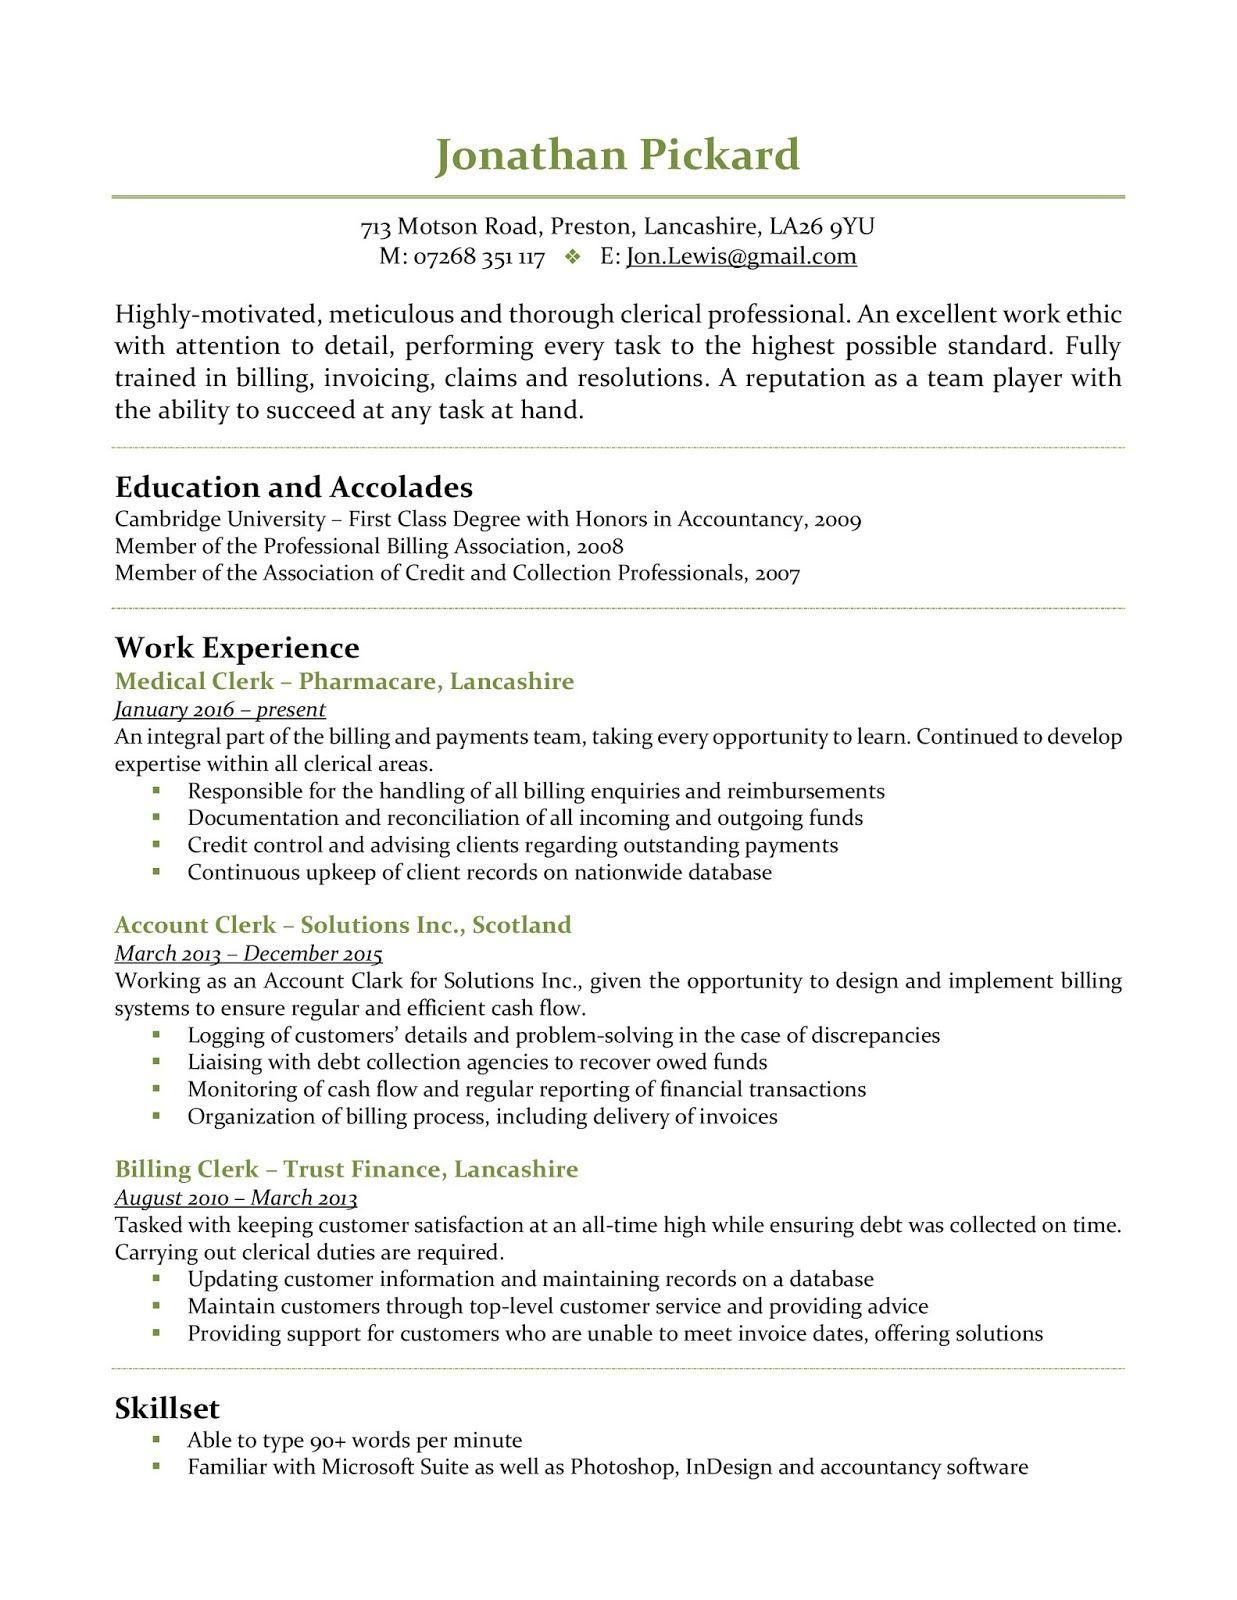 Account Clerk Resume Account Clerk Resume Sample Account Clerk Resume Examples Account Cl Resume Examples Cover Letter For Resume Resume Objective Statement